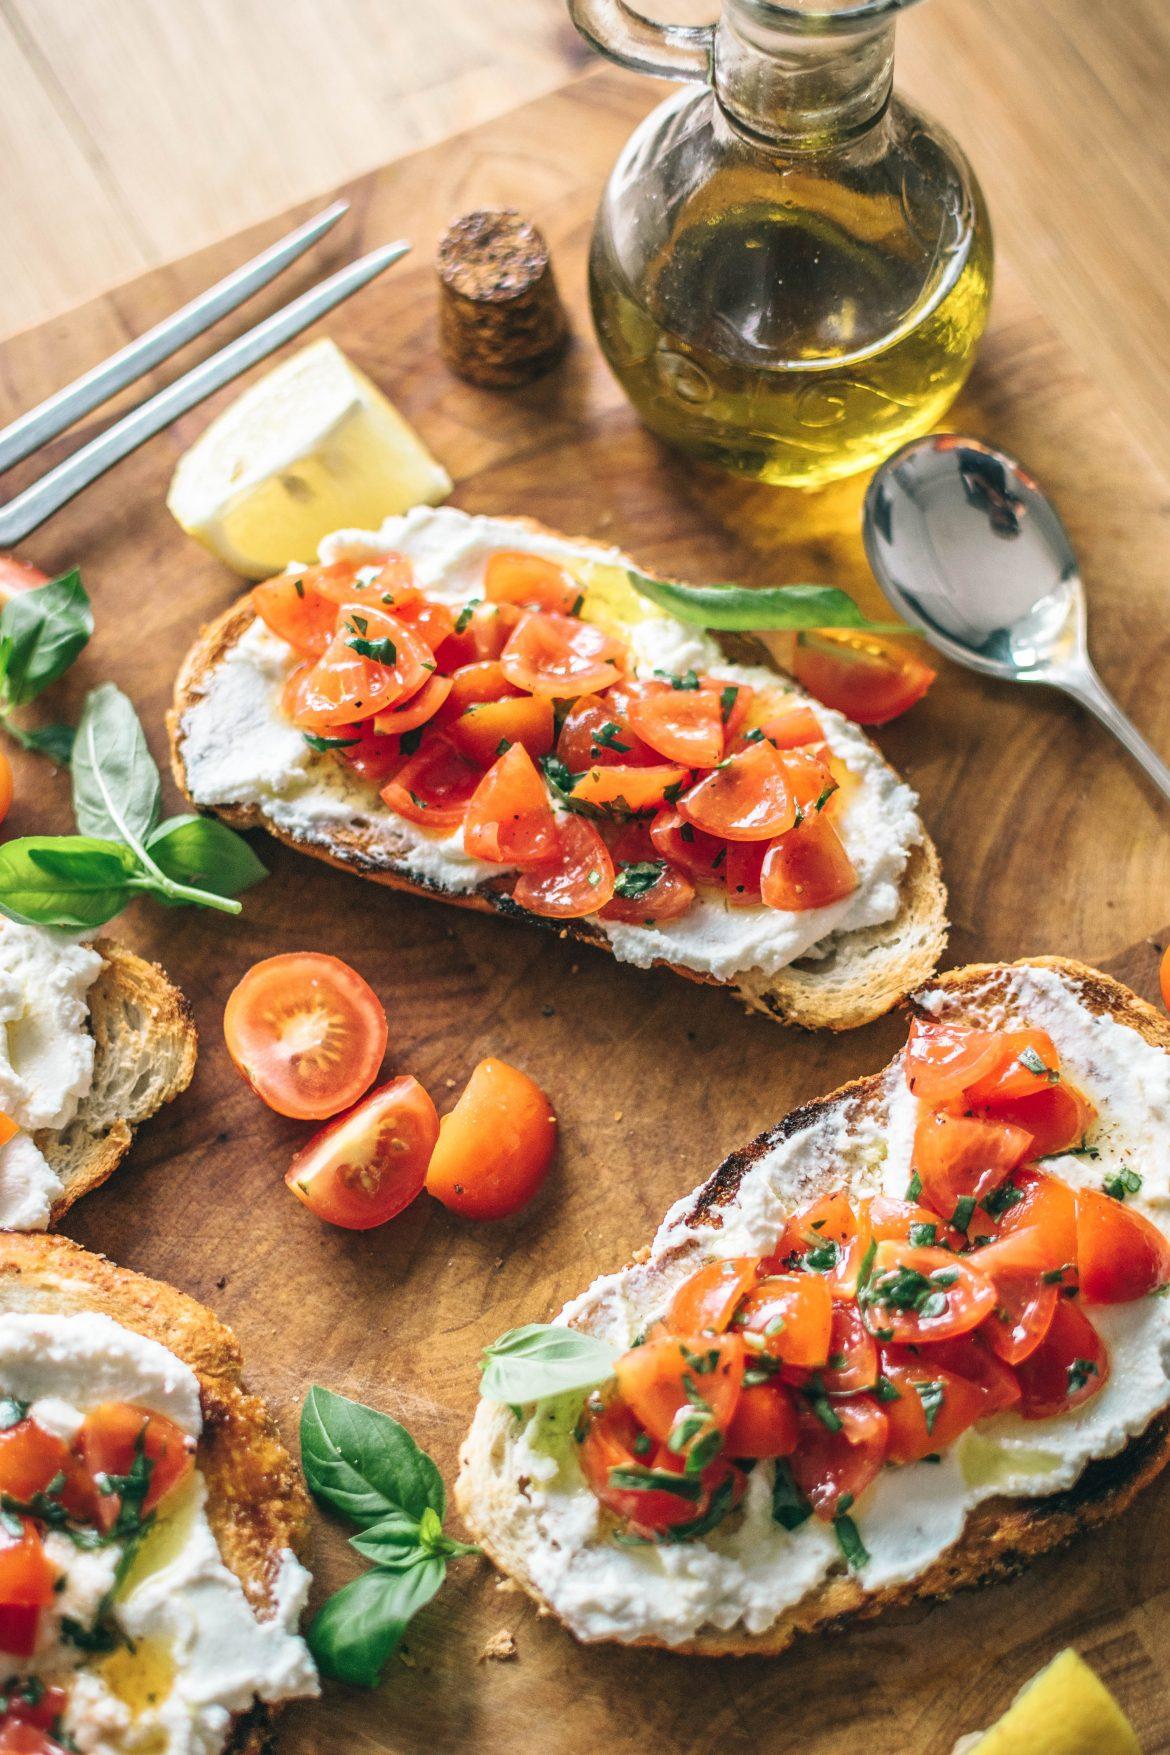 italienska maträtter